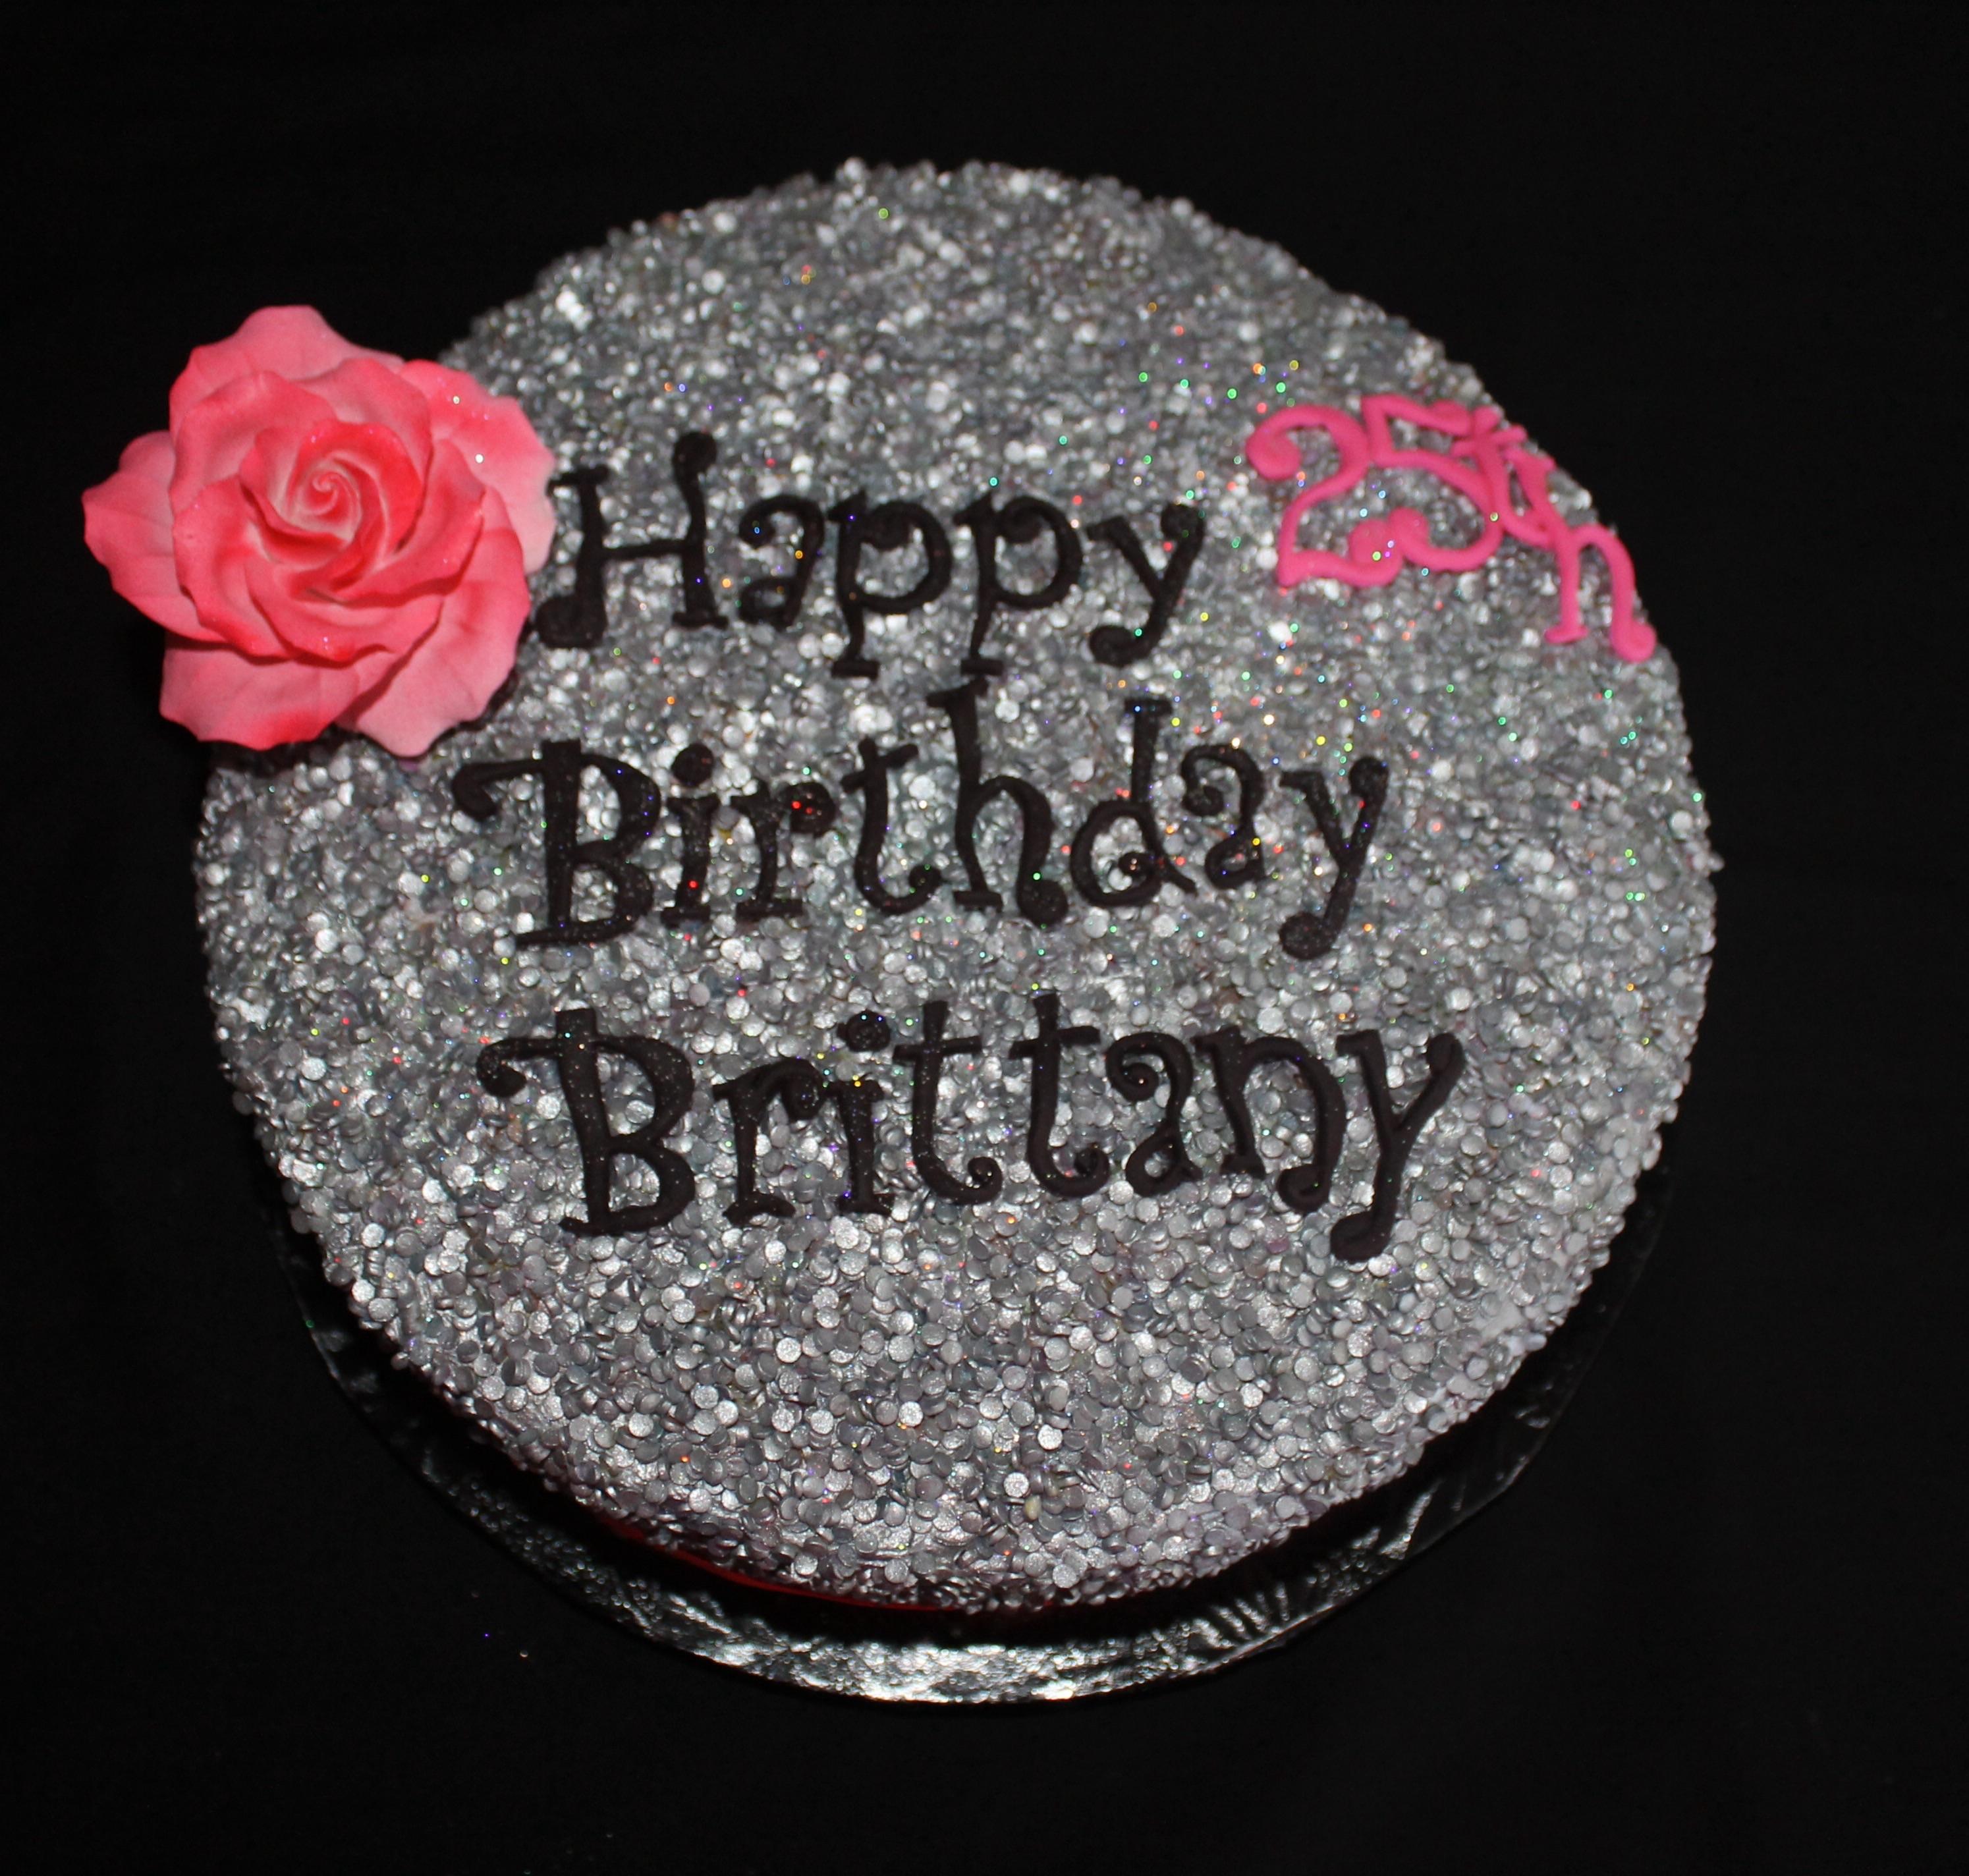 Birthday Cake Images Glitter : Glitter Birthday Cake - CakeCentral.com